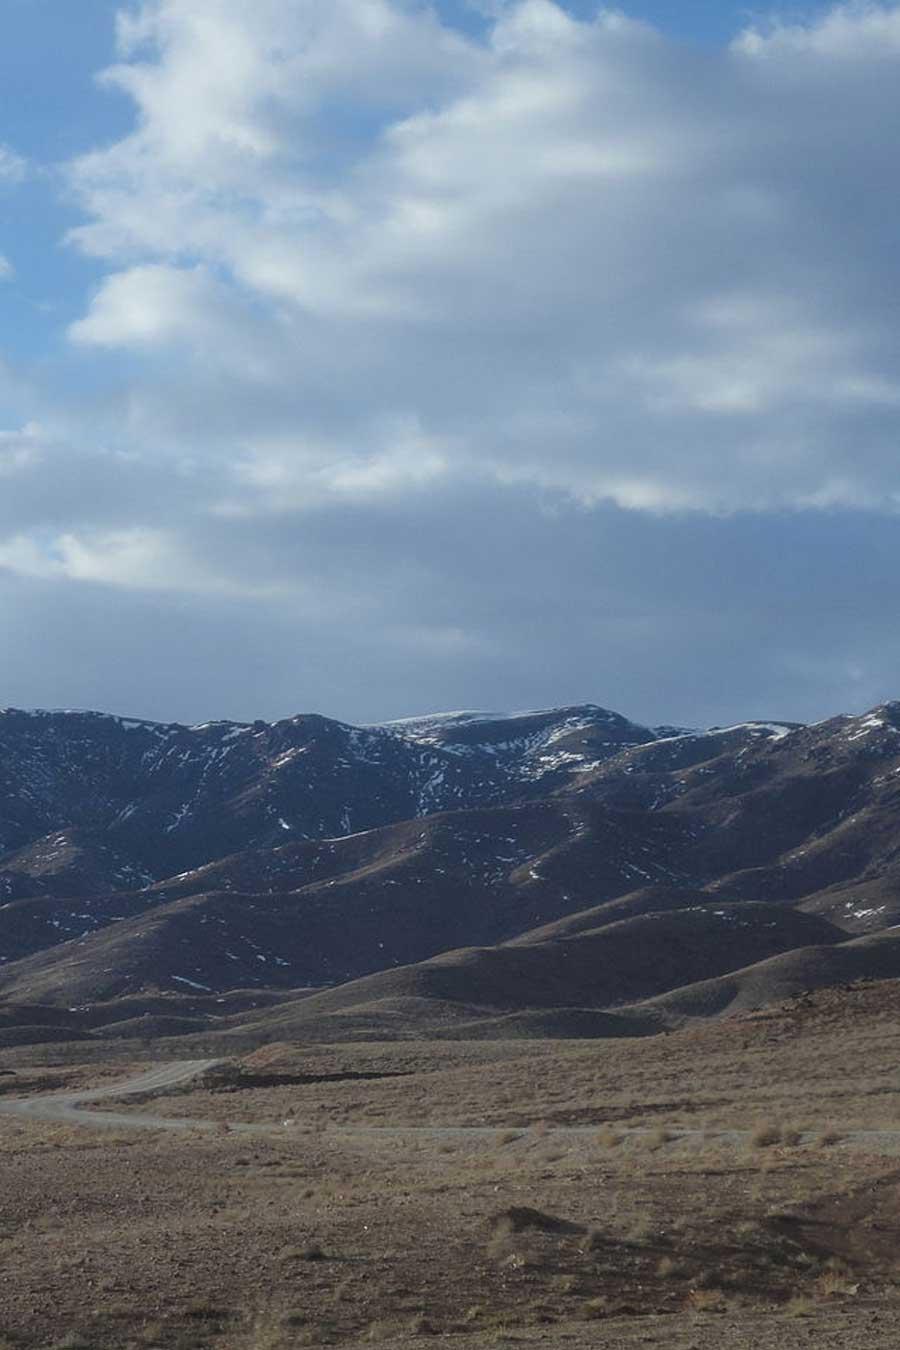 Paysage de la région de Khorazan e-Razavi, en Iran, photo de Hadi Karimi